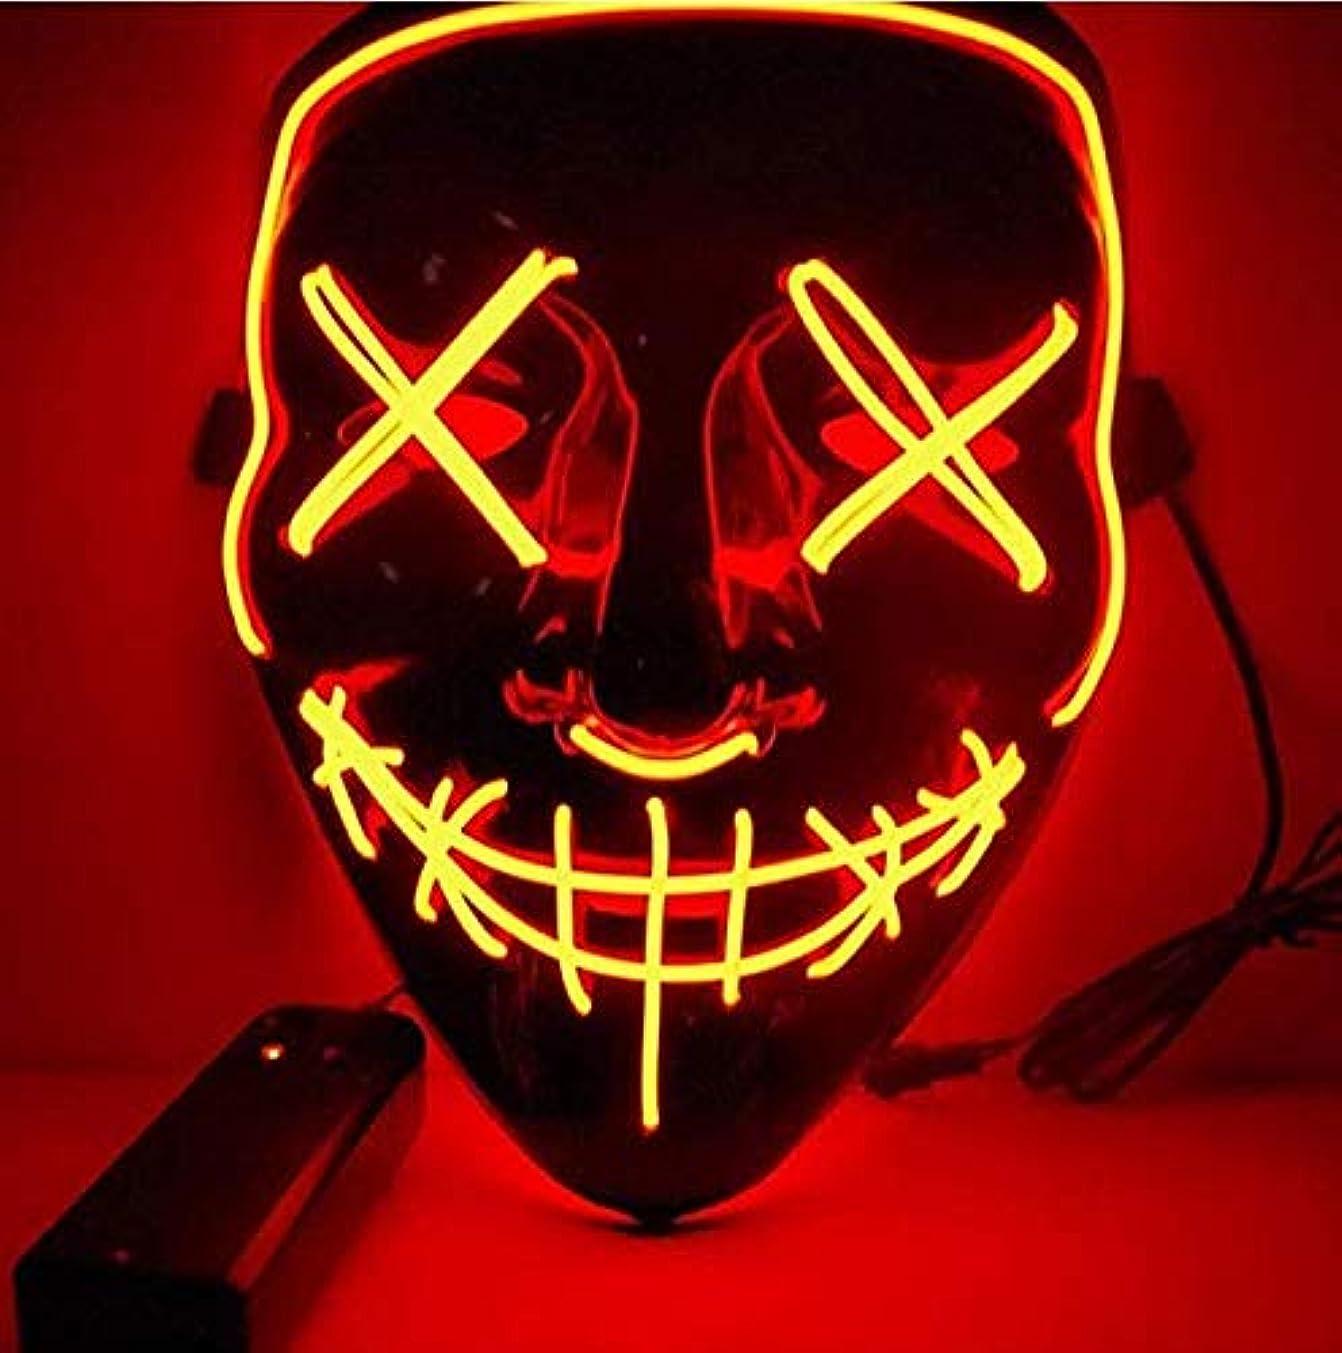 仲人苛性自殺ハロウィンマスクLEDライトアップパーティーマスクコスプレコスチュームサプライ暗闇で光る (Color : ROSE RED)